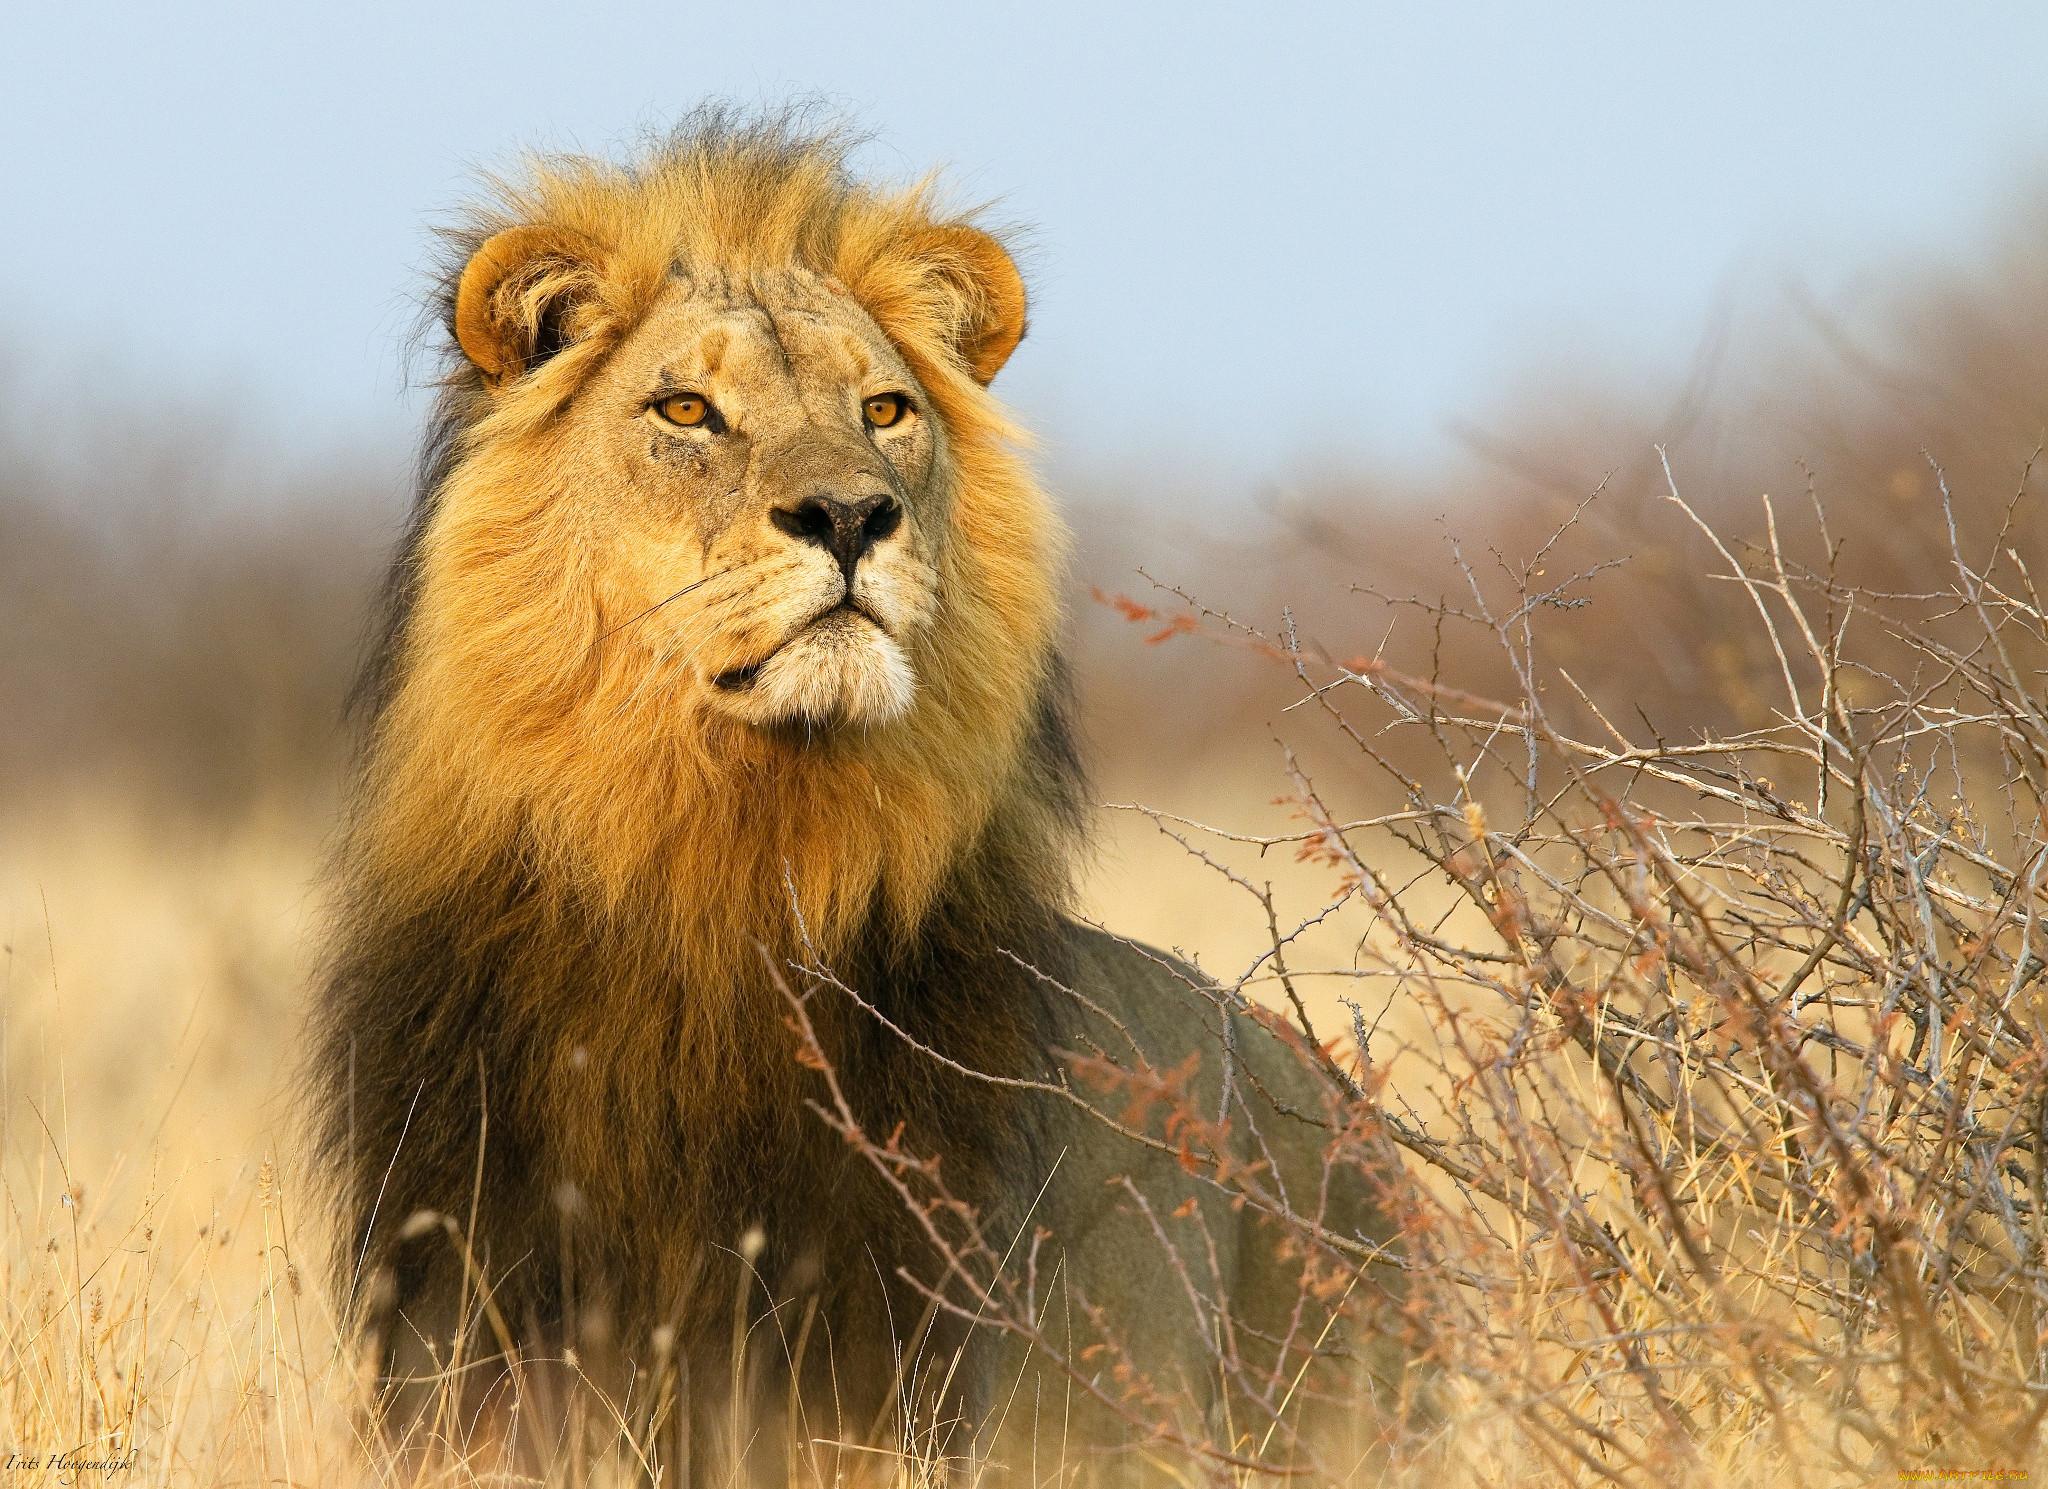 установка проявки африканские львы фото может человек знает